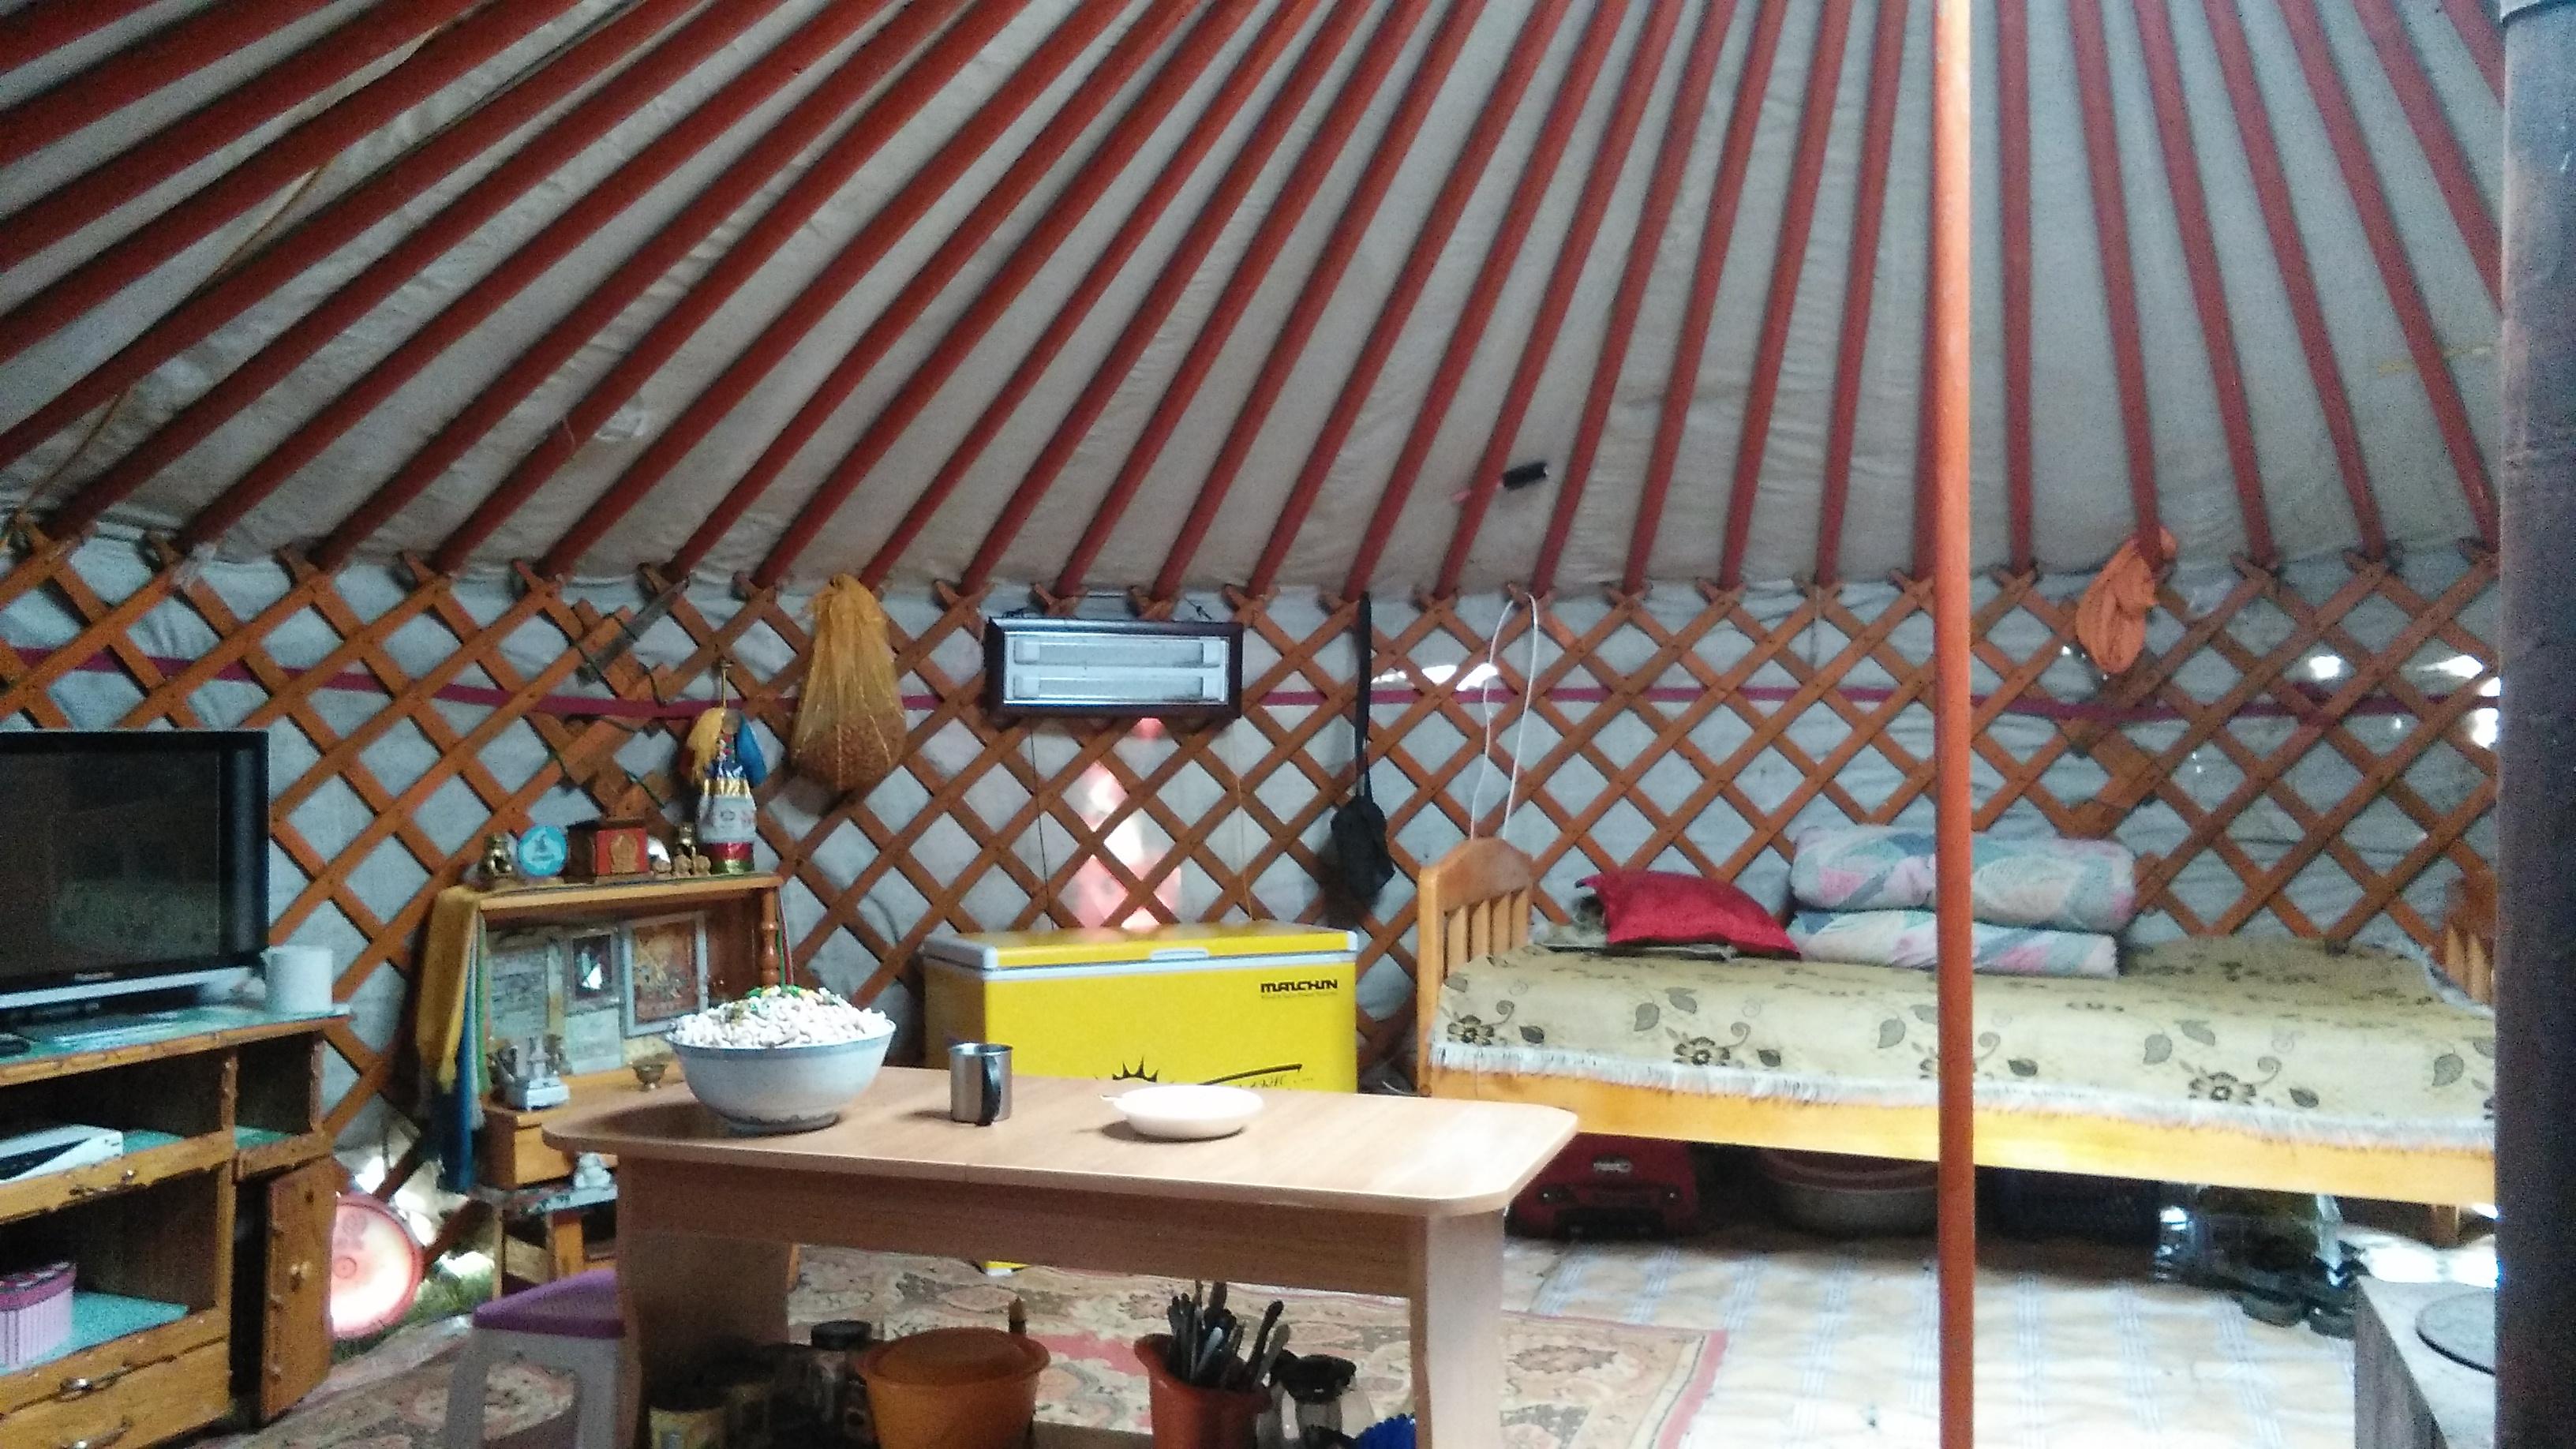 Yurt for sleeping